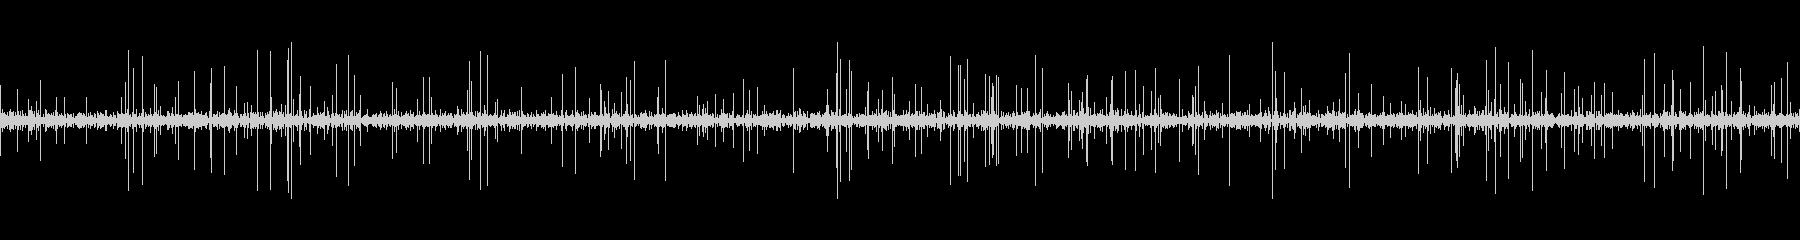 ループ再生可能!3分間のレコードノイズの未再生の波形